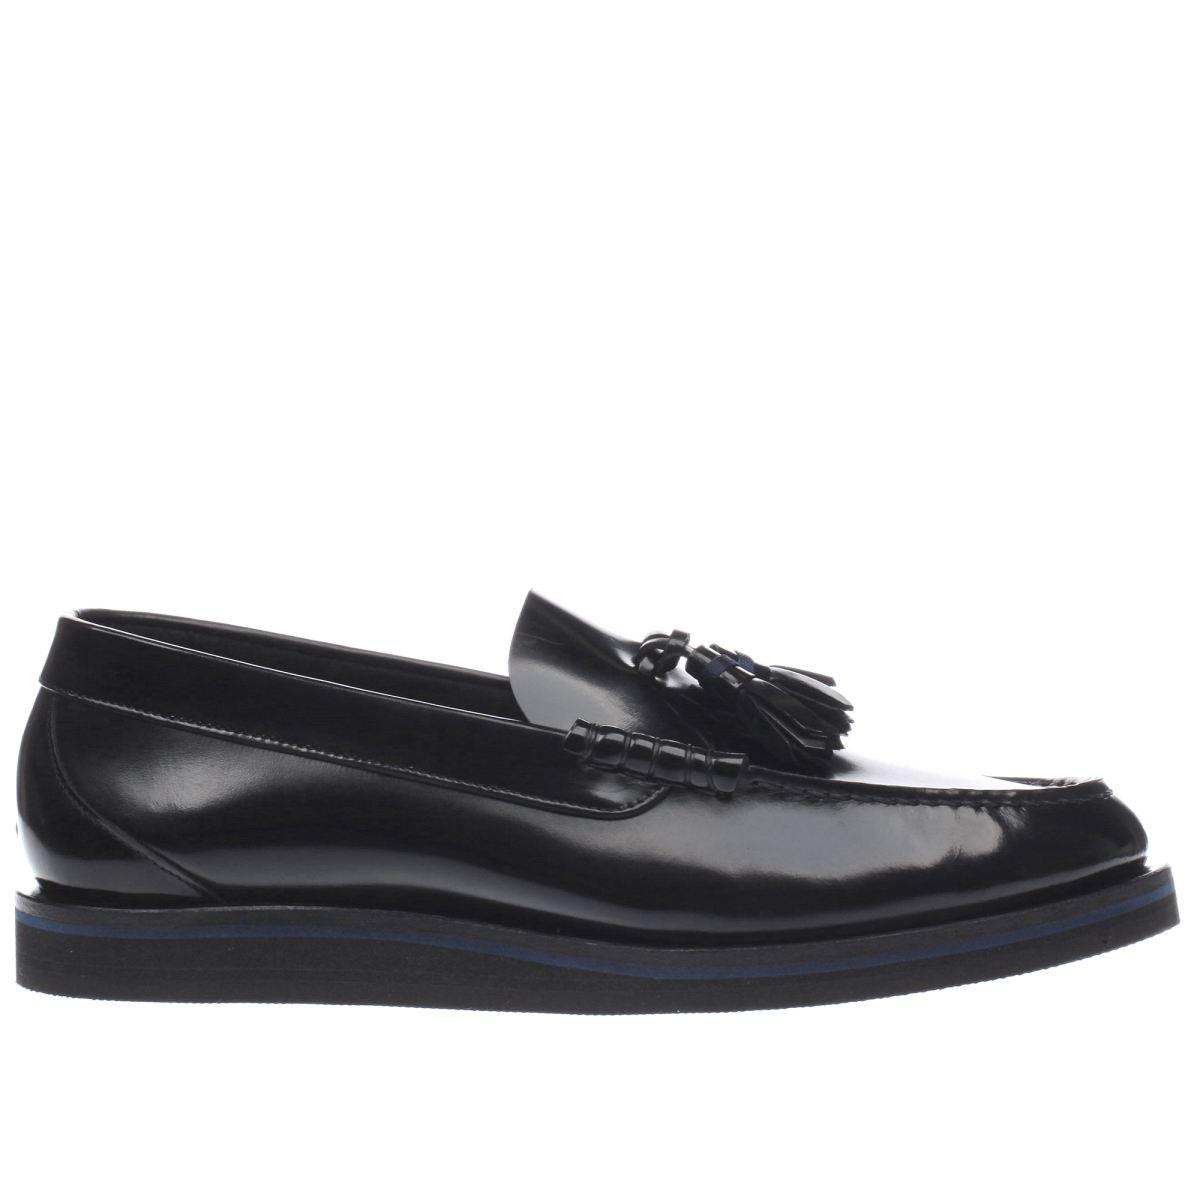 paul smith shoe ps Paul Smith Shoe Ps Black Carver Shoes